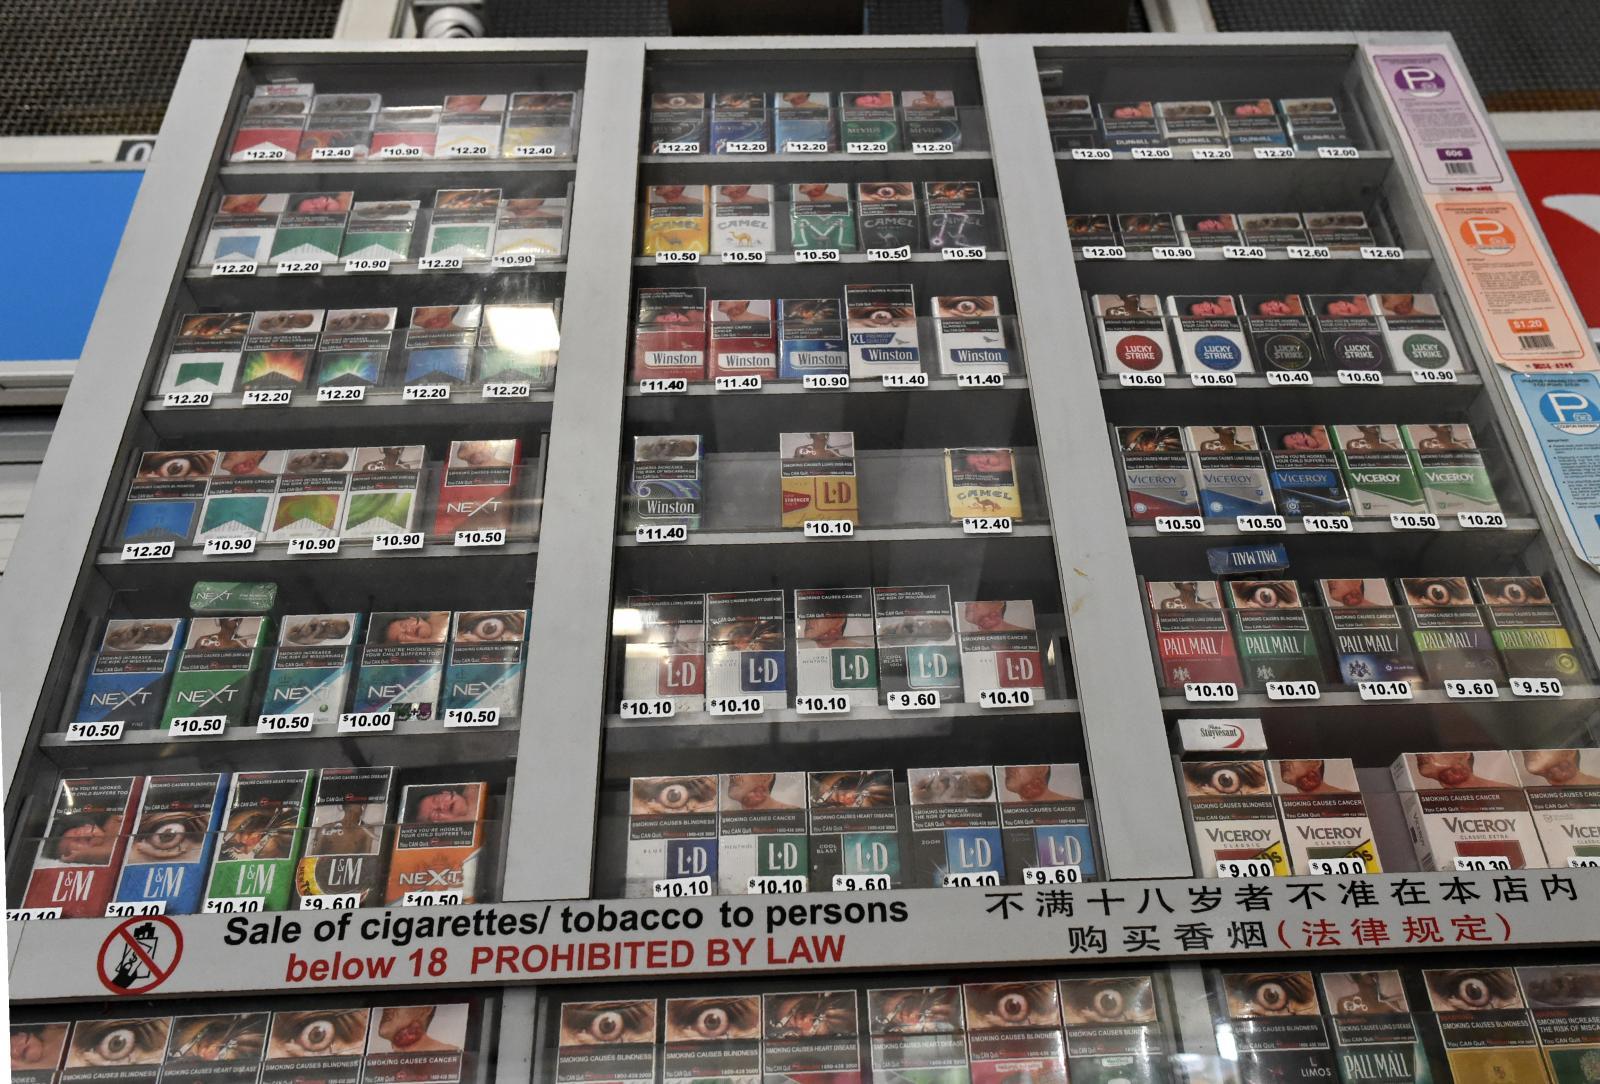 พ.ร.บ.ยาสูบ เริ่มใช้ 4 ก.ค.นี้ สูบบุหรี่ผิดที่ปรับ 5,000 บาท